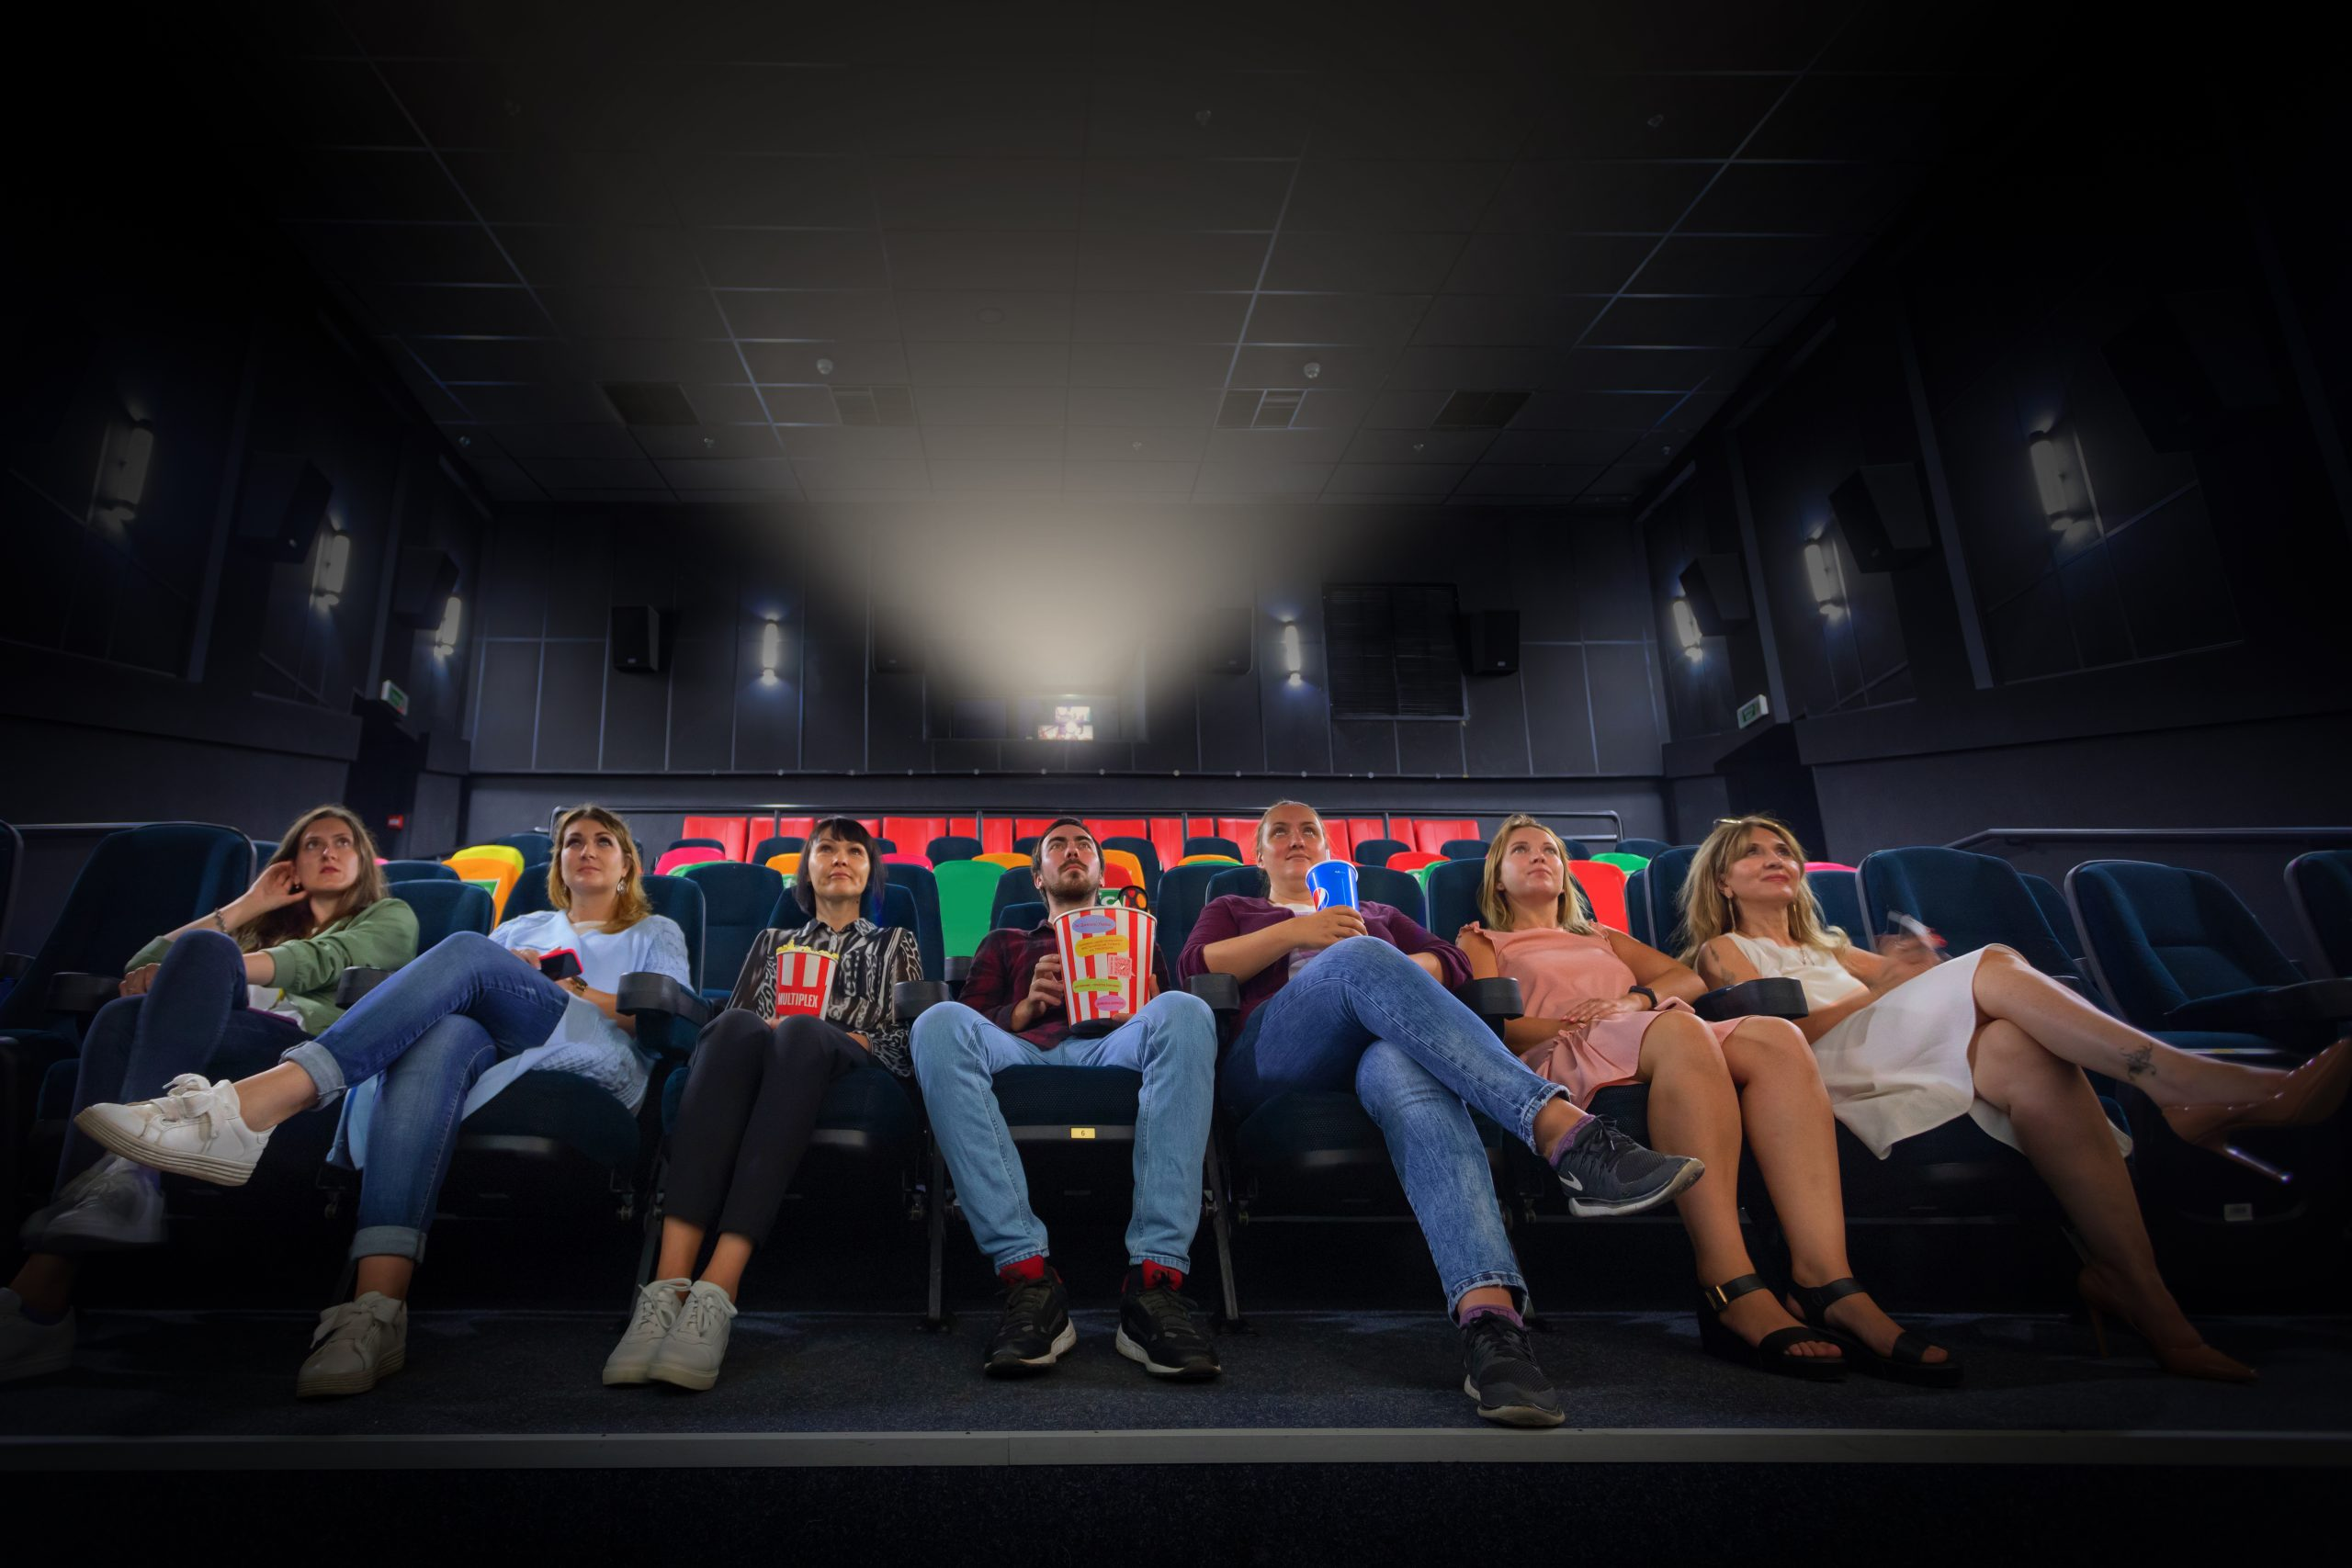 Кинотеатр Multiplex, №3 - kiev.karavan.com.ua